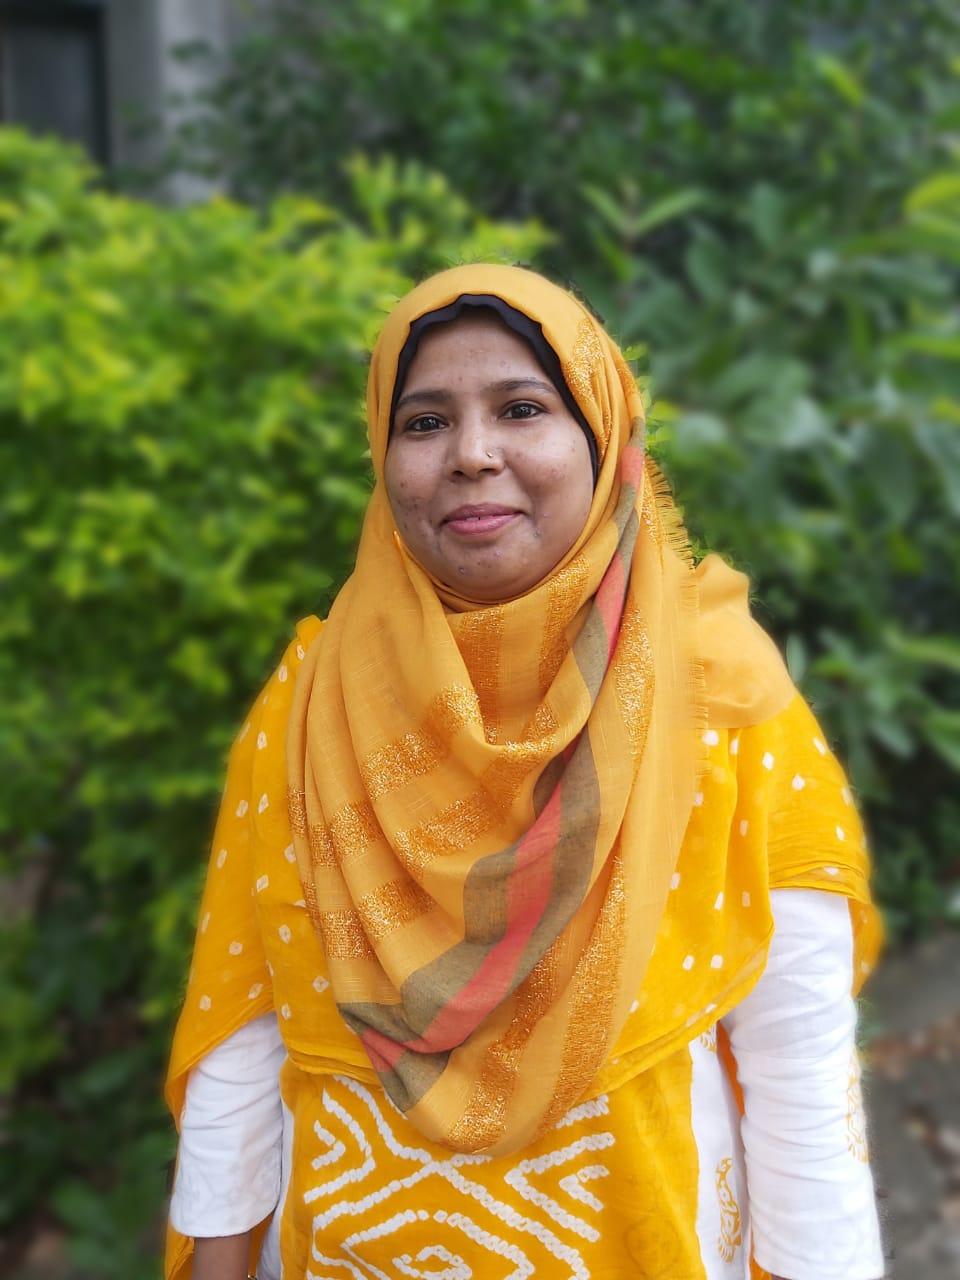 Ms. Sairabanu Pansare